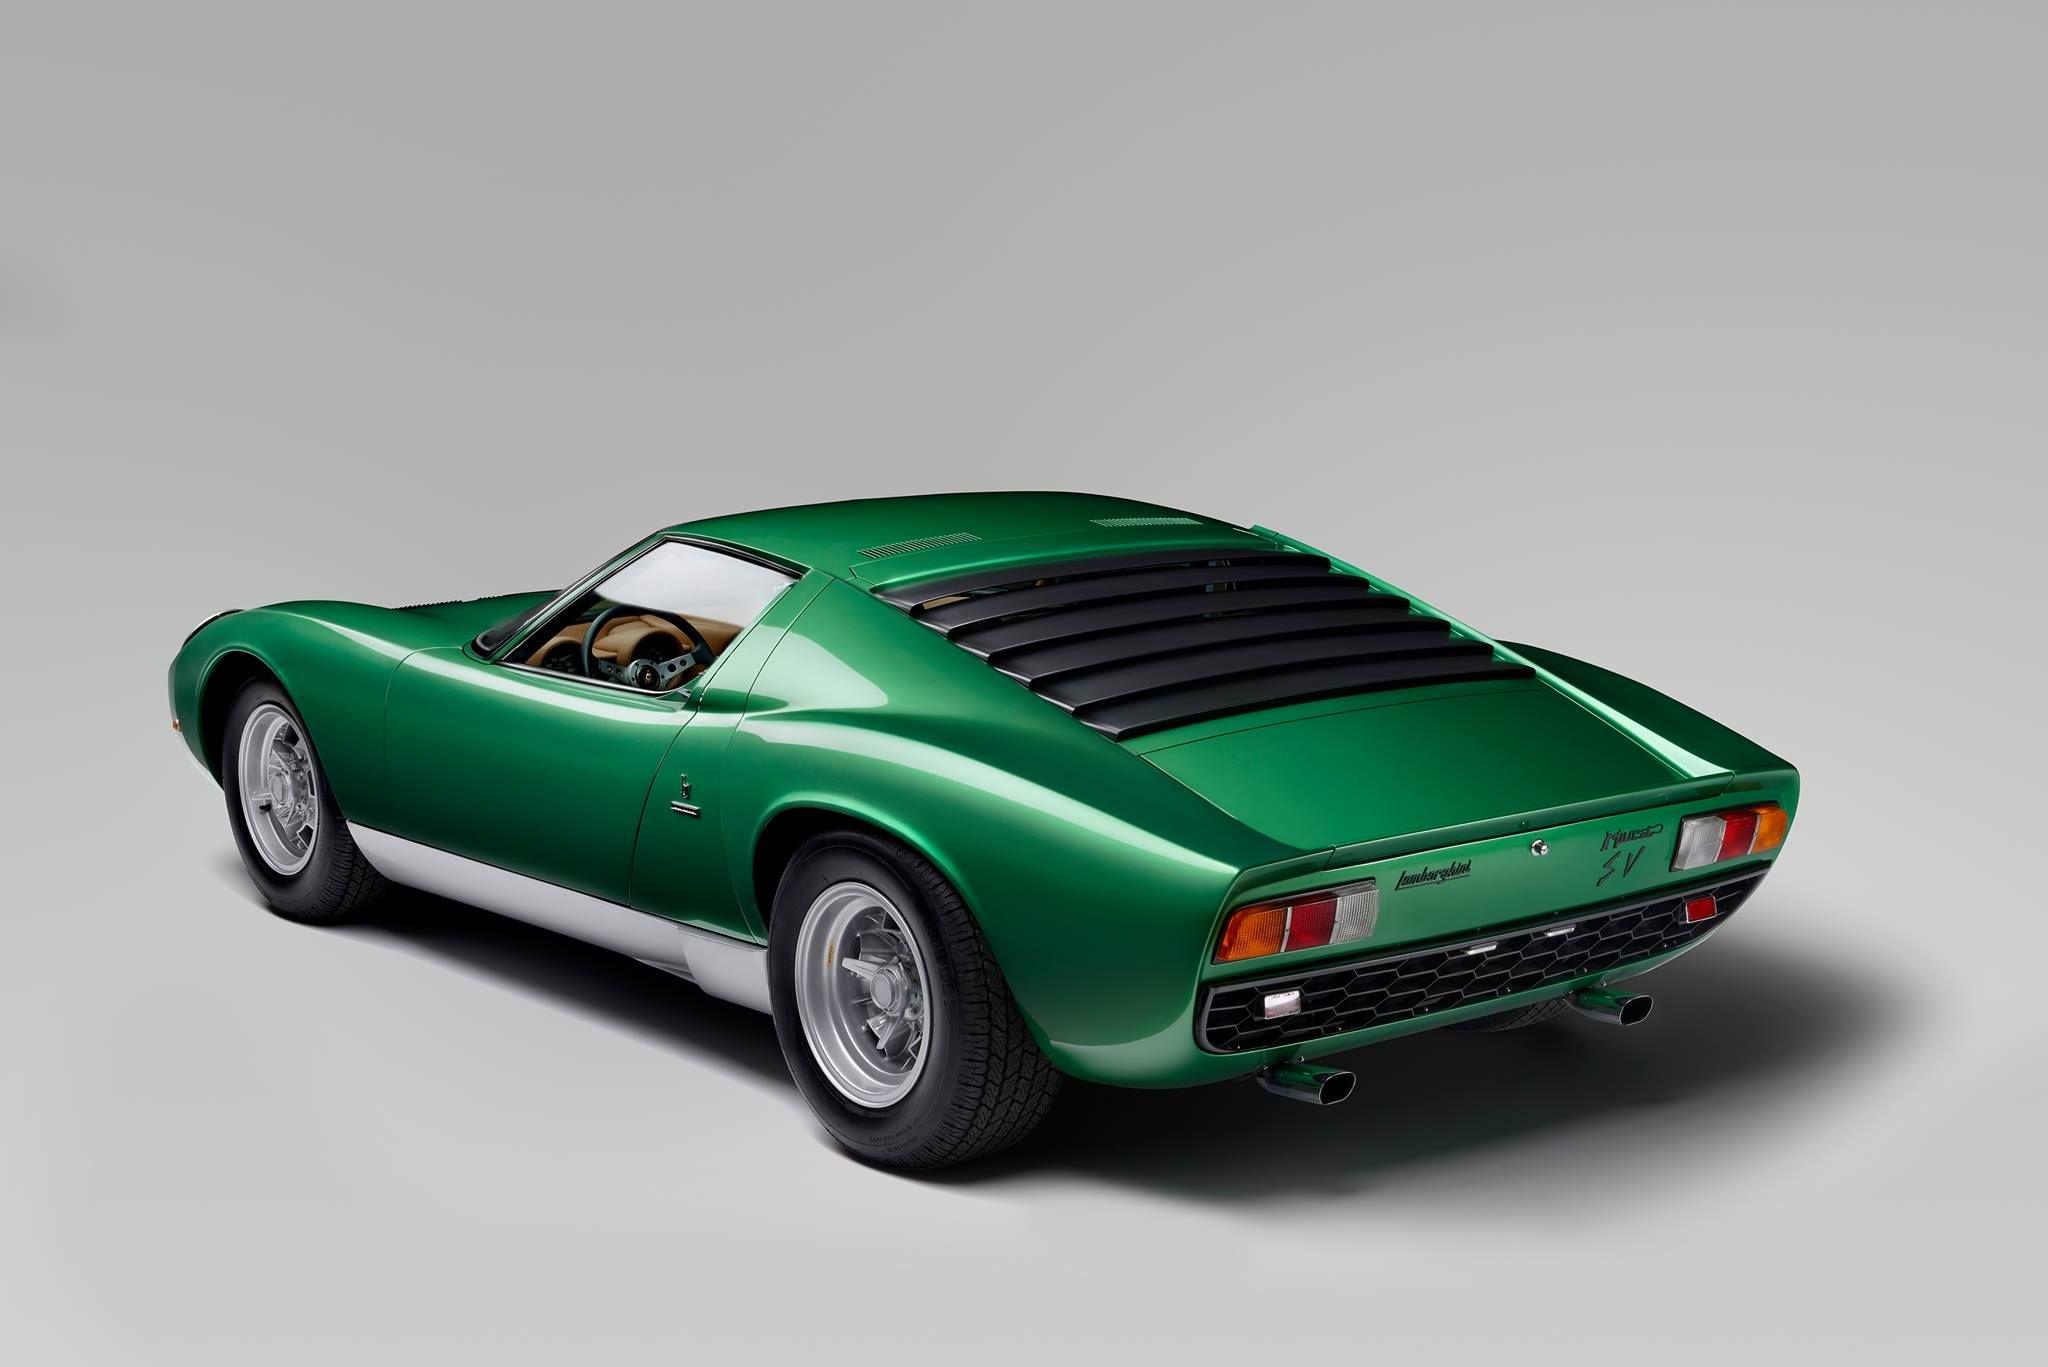 Lamborghini_Aventador_SV_Miura_SV_0010